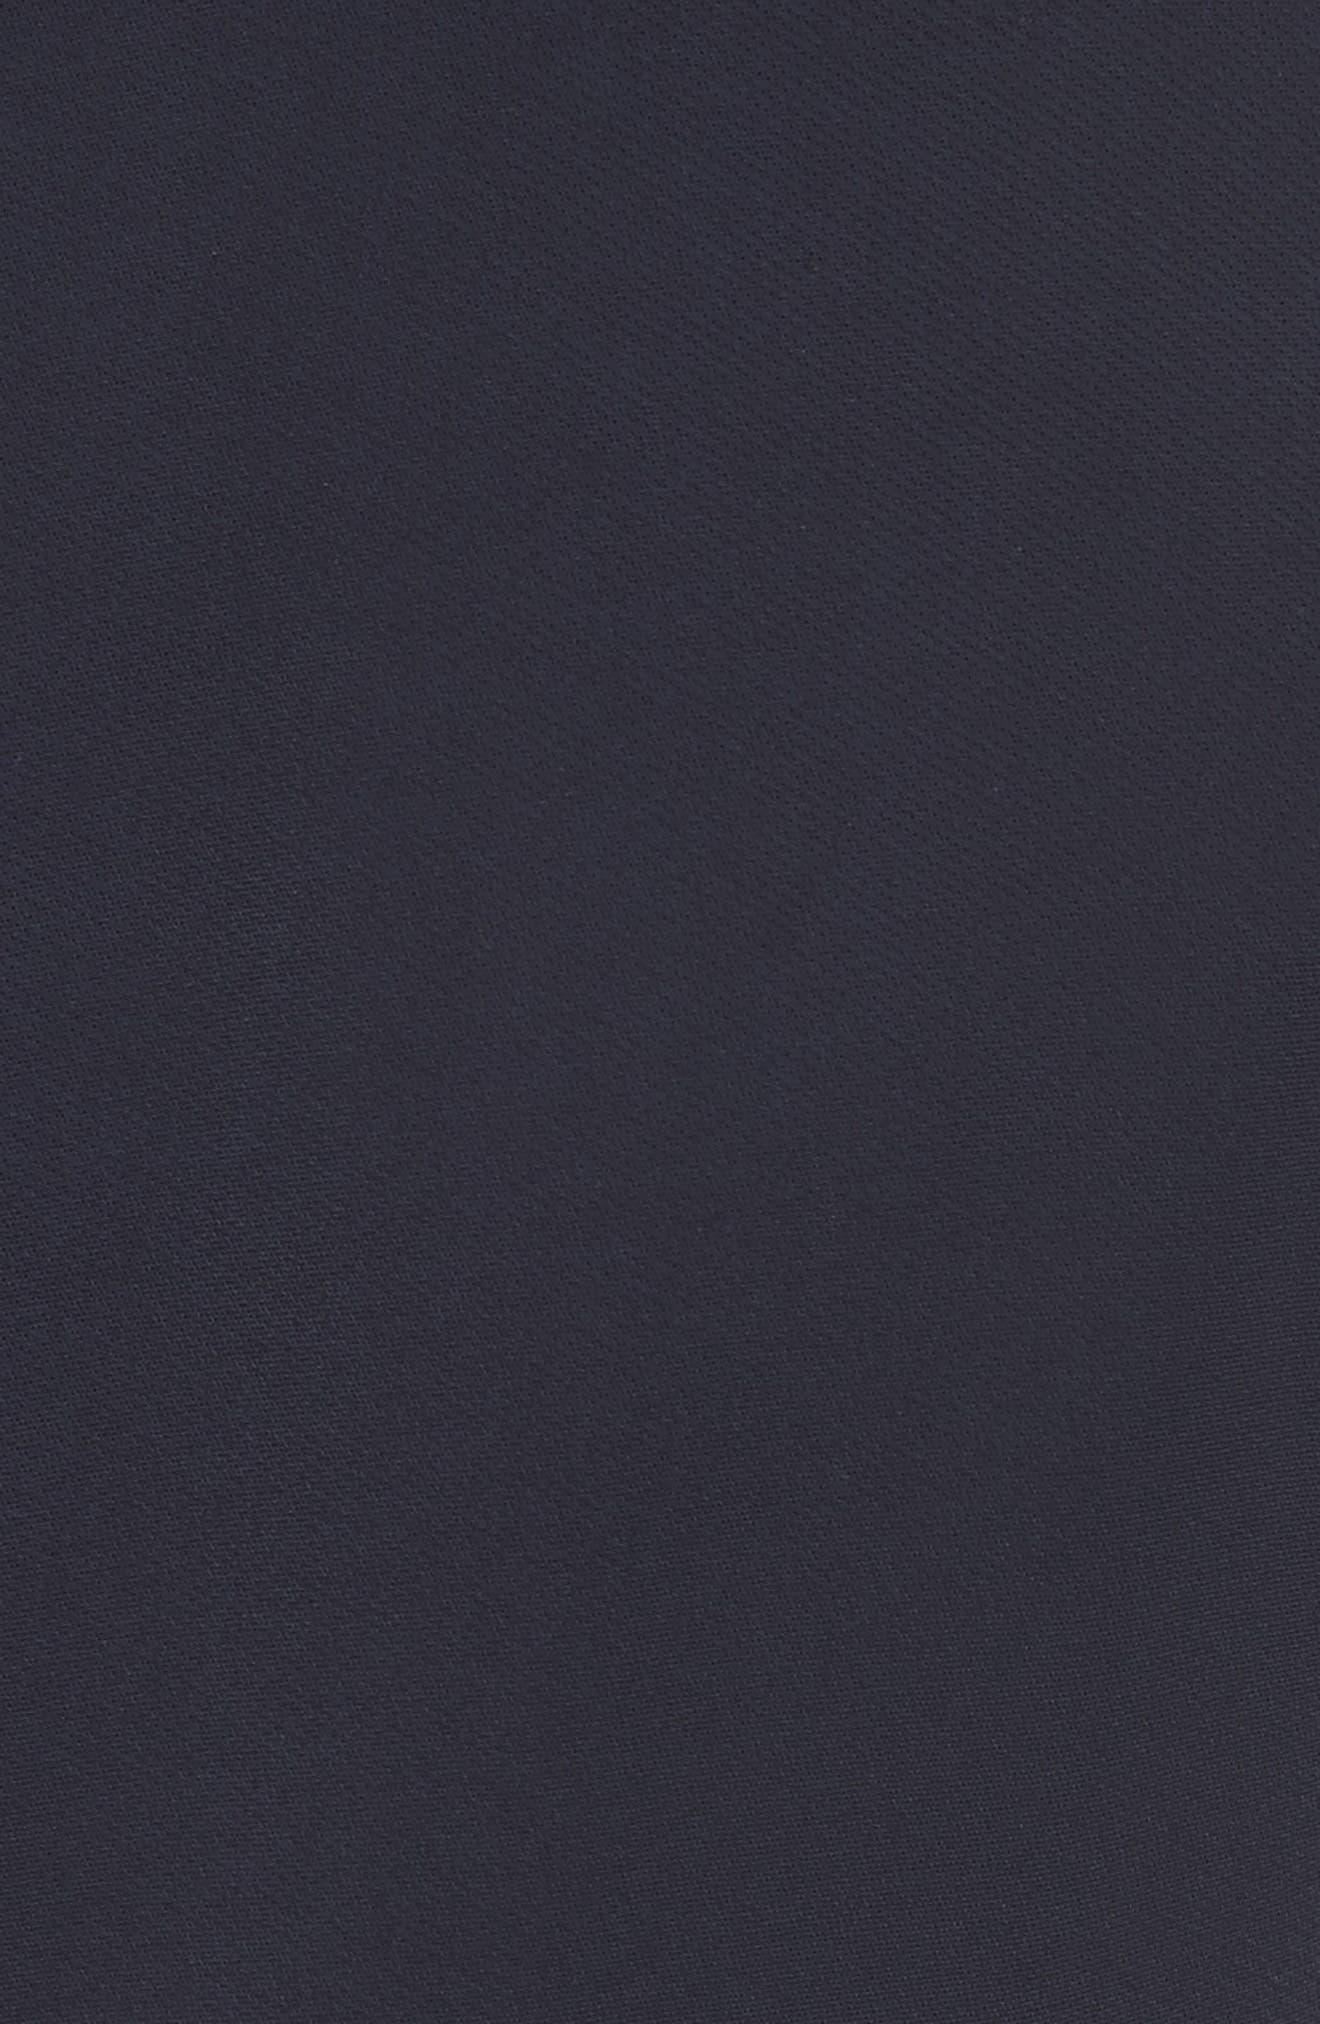 Asymmetrical Fringe Hem Dress,                             Alternate thumbnail 5, color,                             400